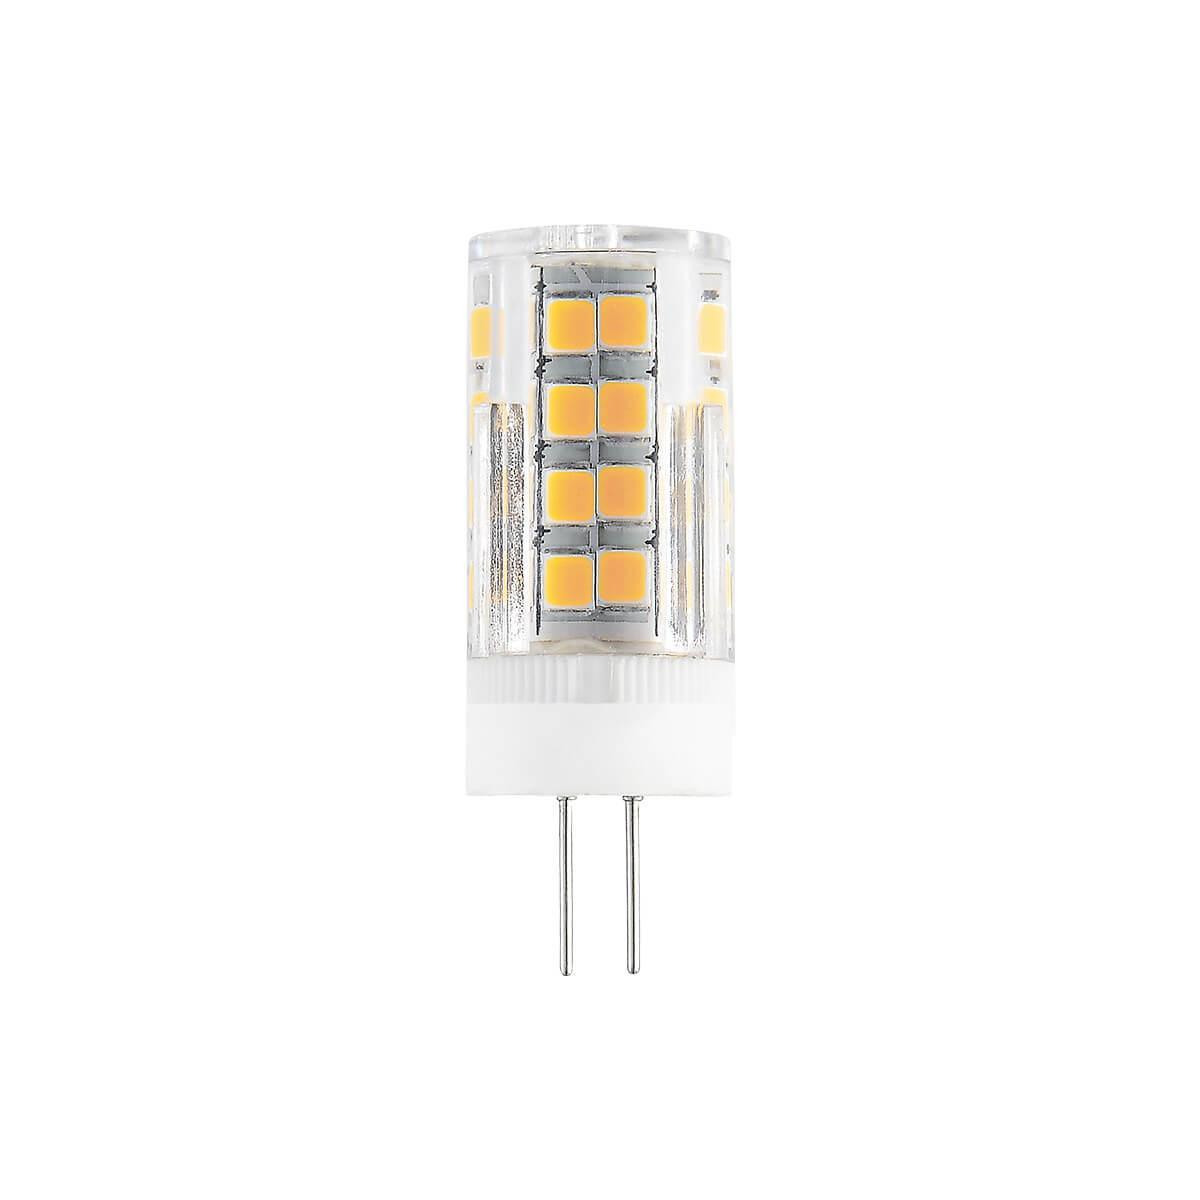 Лампа светодиодная G4 7W 3300K прозрачная 4690389112966 elektrostandard лампа светодиодная e14 7w 3300k шар матовый mini 4690389061622